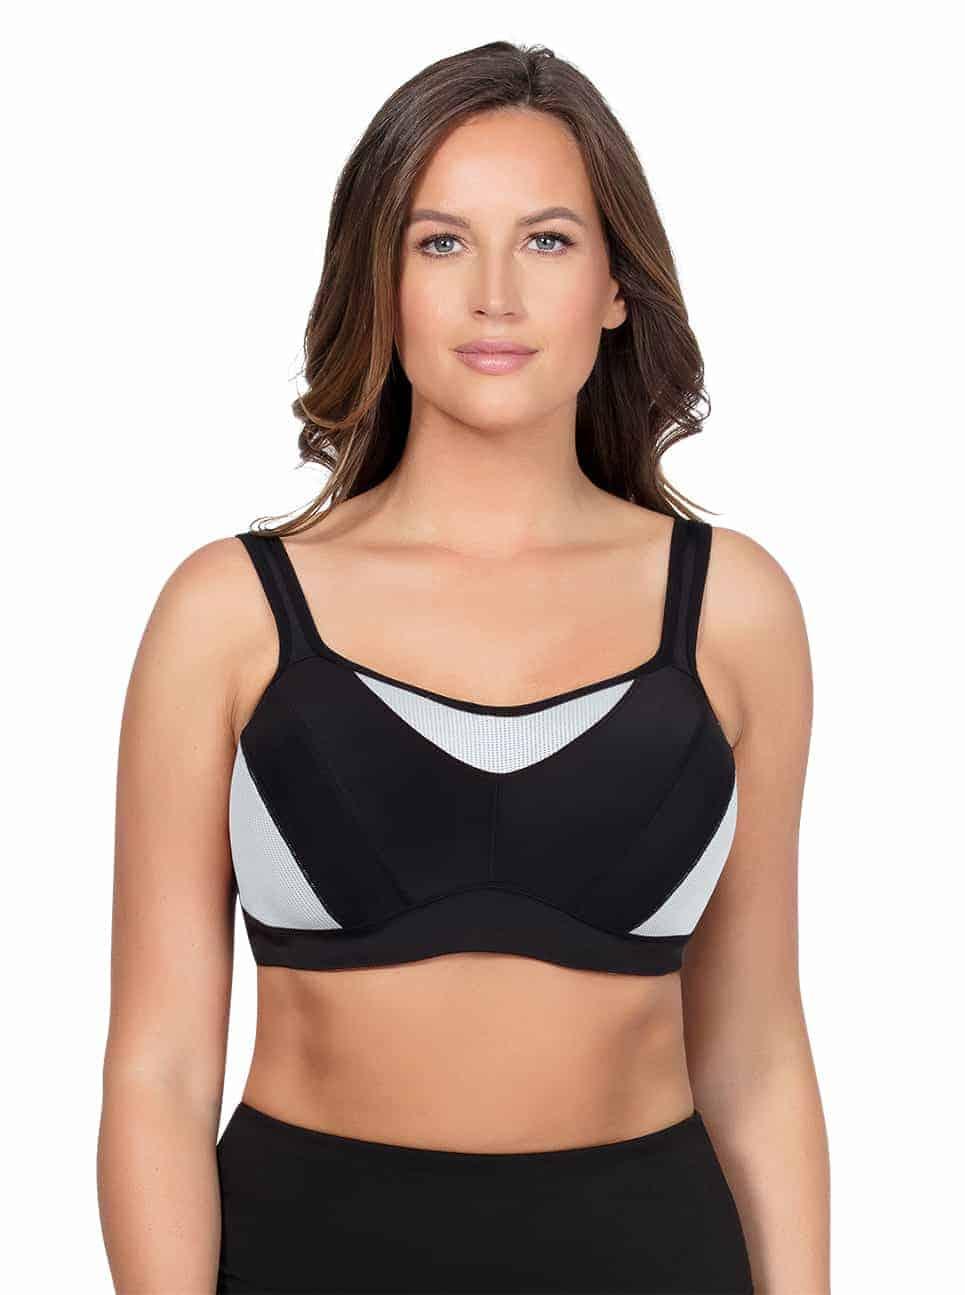 ... ParfaitActive SportsBraP5541 Black Front - Parfait Active Sports Bra -  Black - P5541